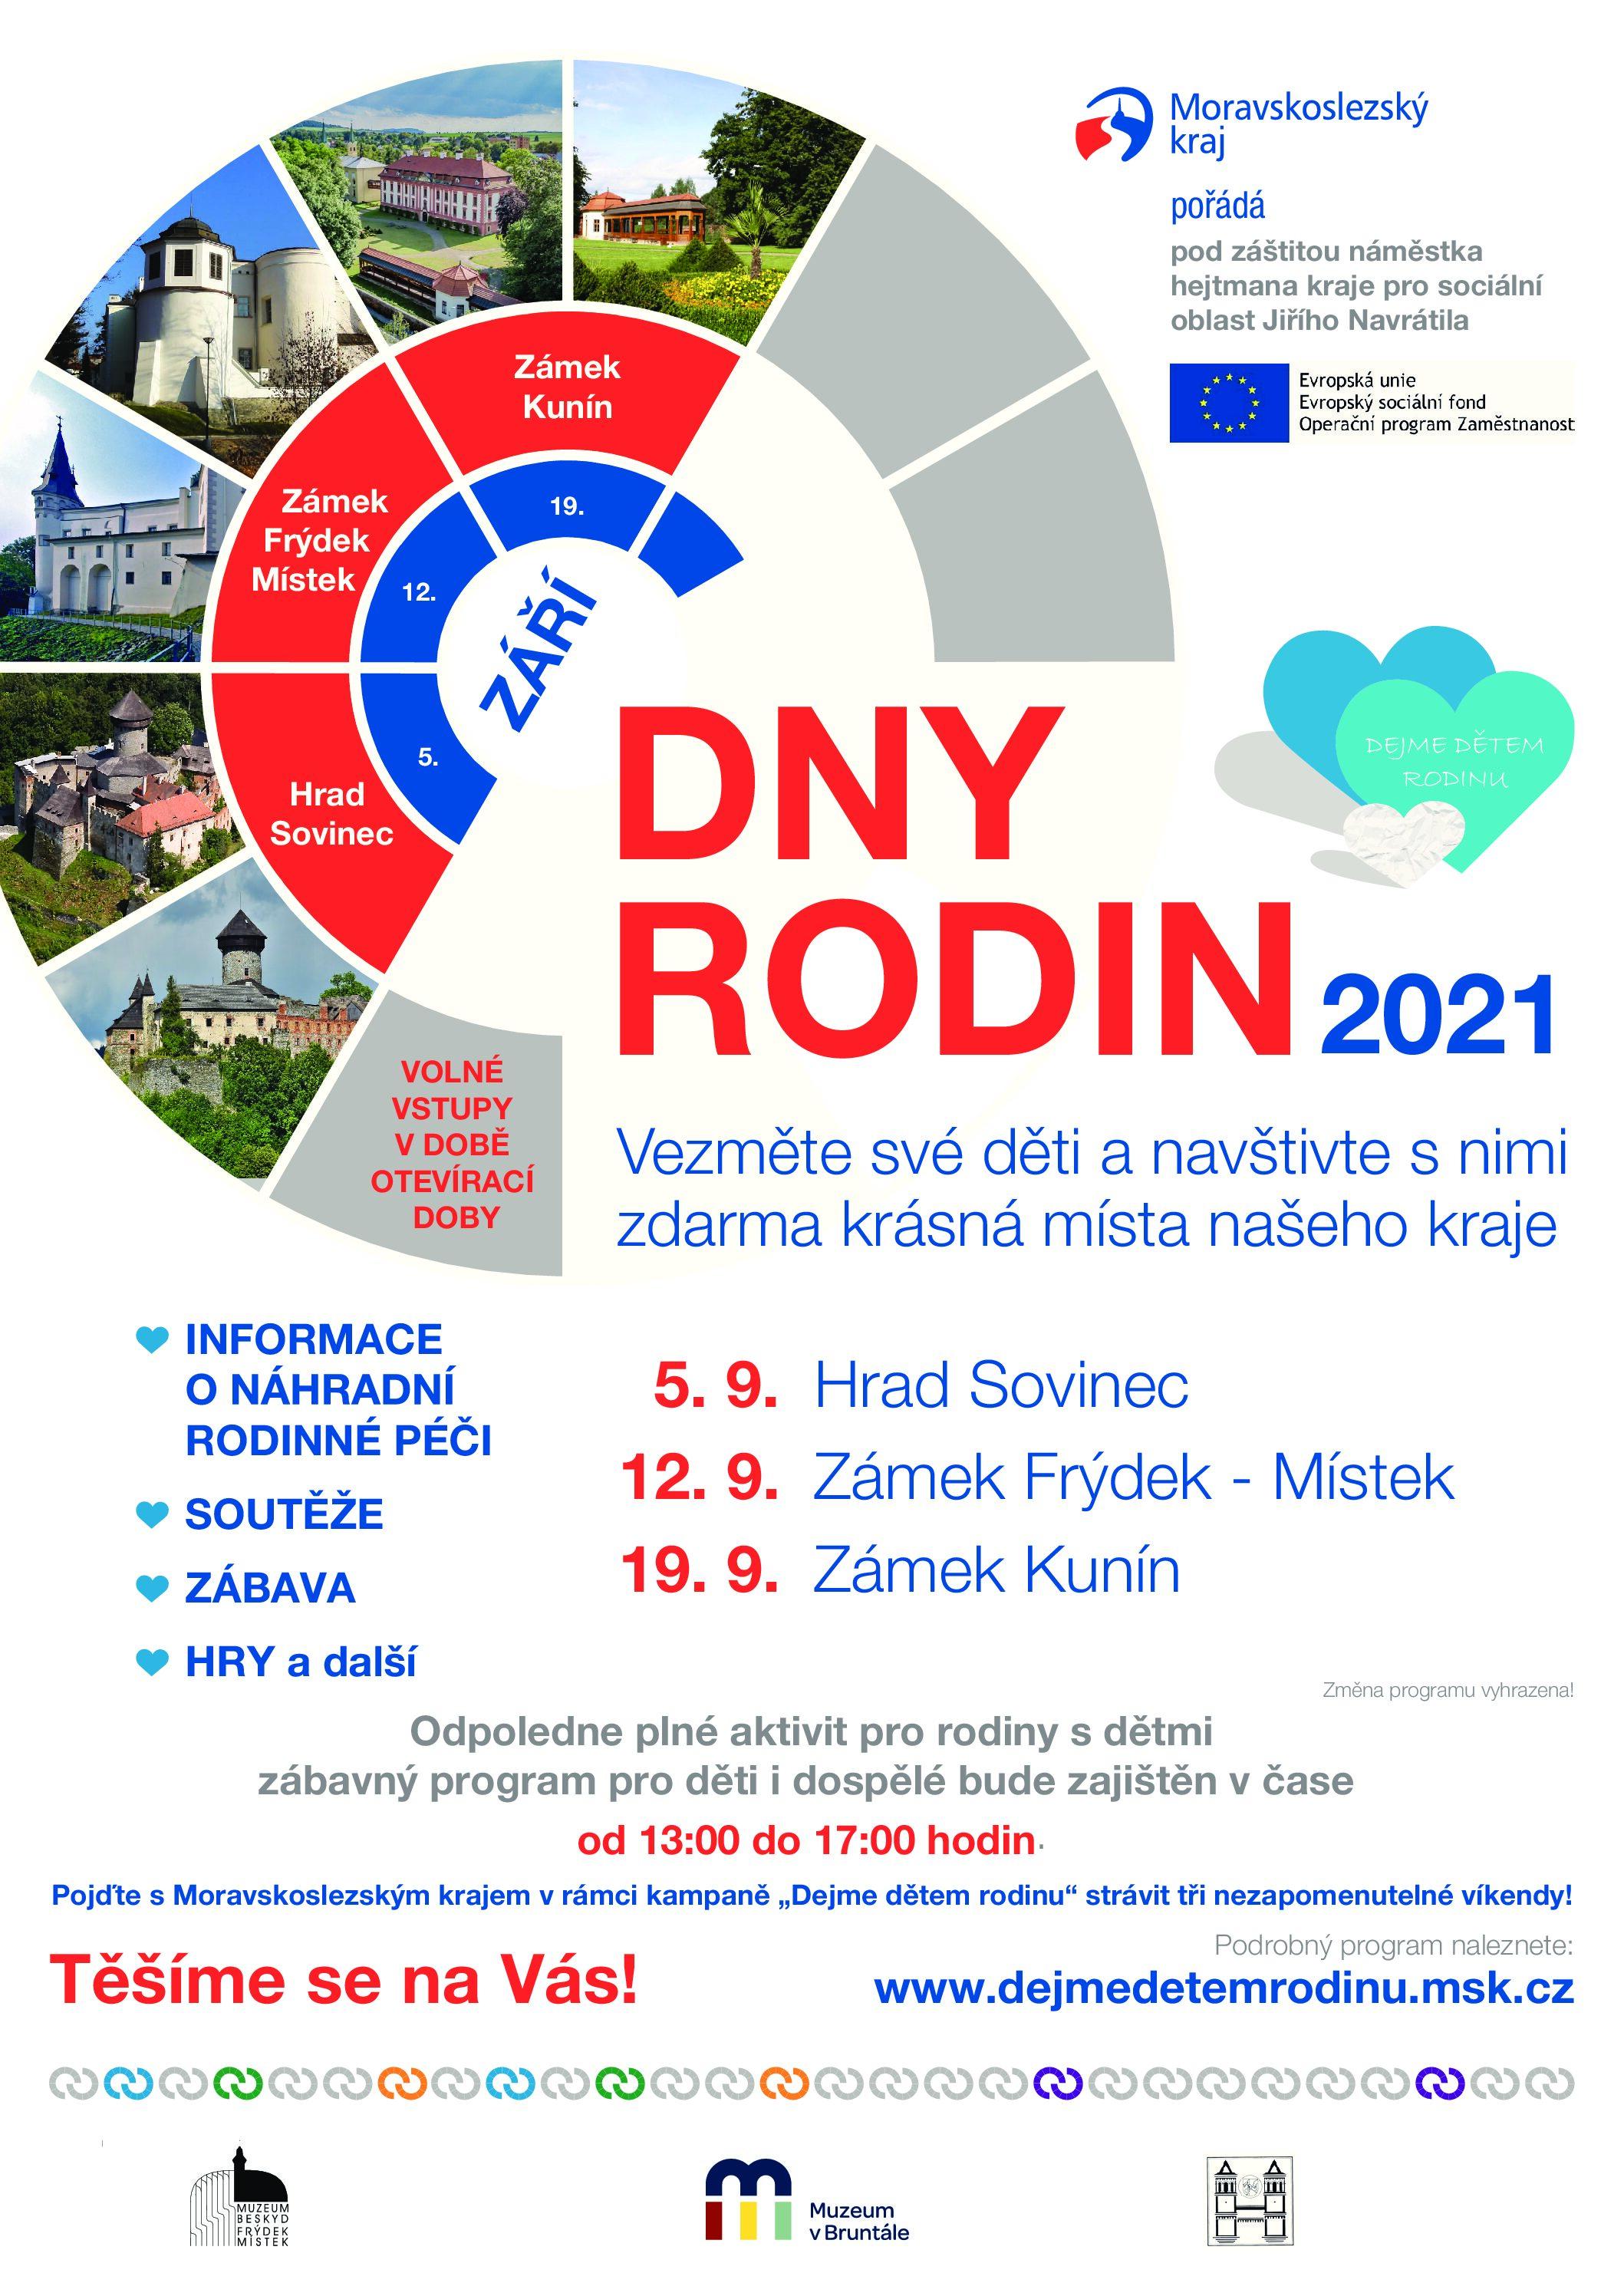 DNY RODIN 2021